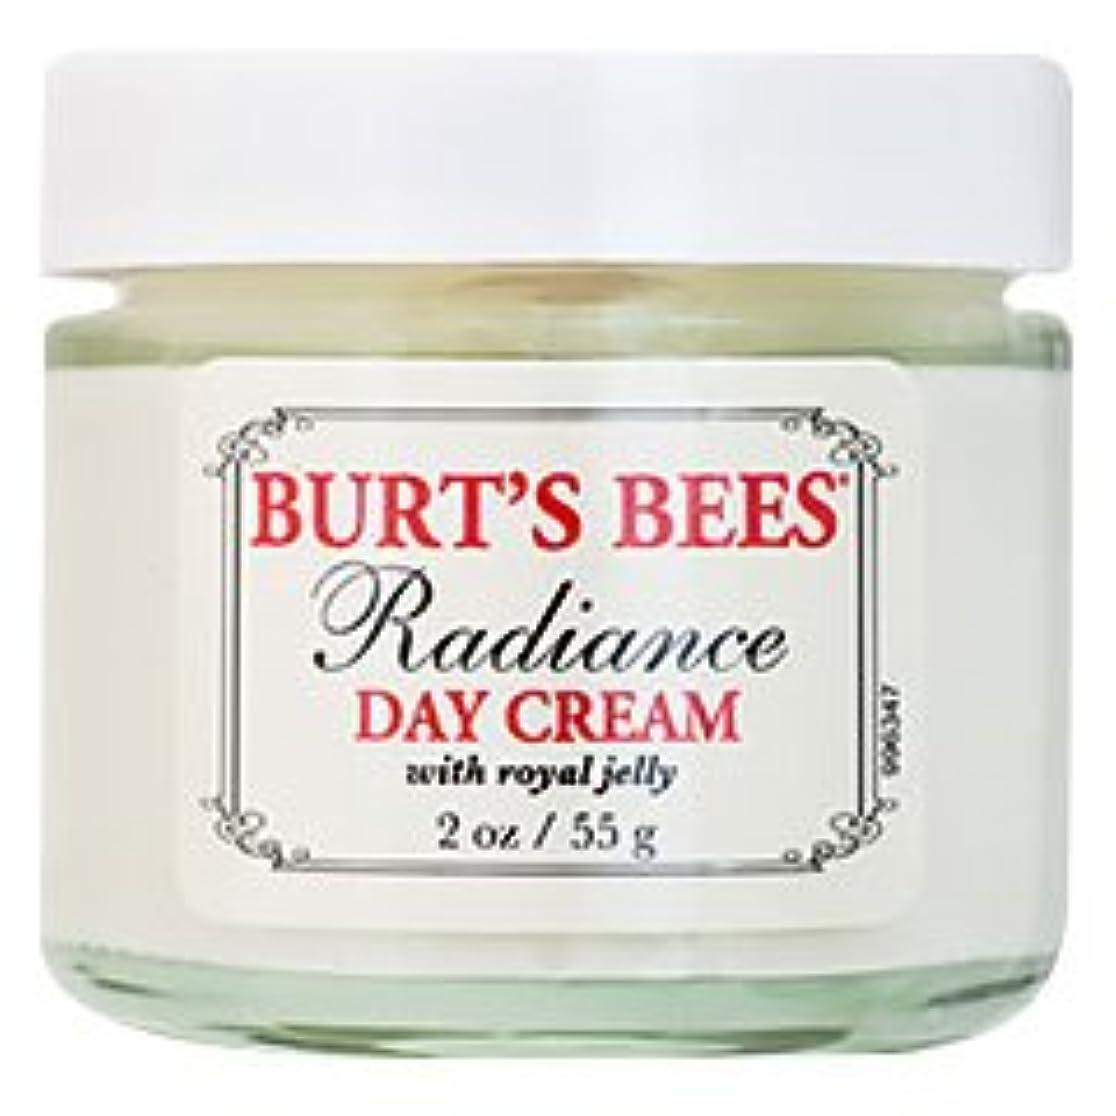 レンジデコードする誤解を招くバーツビーズ(Burt's Bees) ラディアンス デイクリーム(ロイヤルジェリー) 55g [海外直送品][並行輸入品]